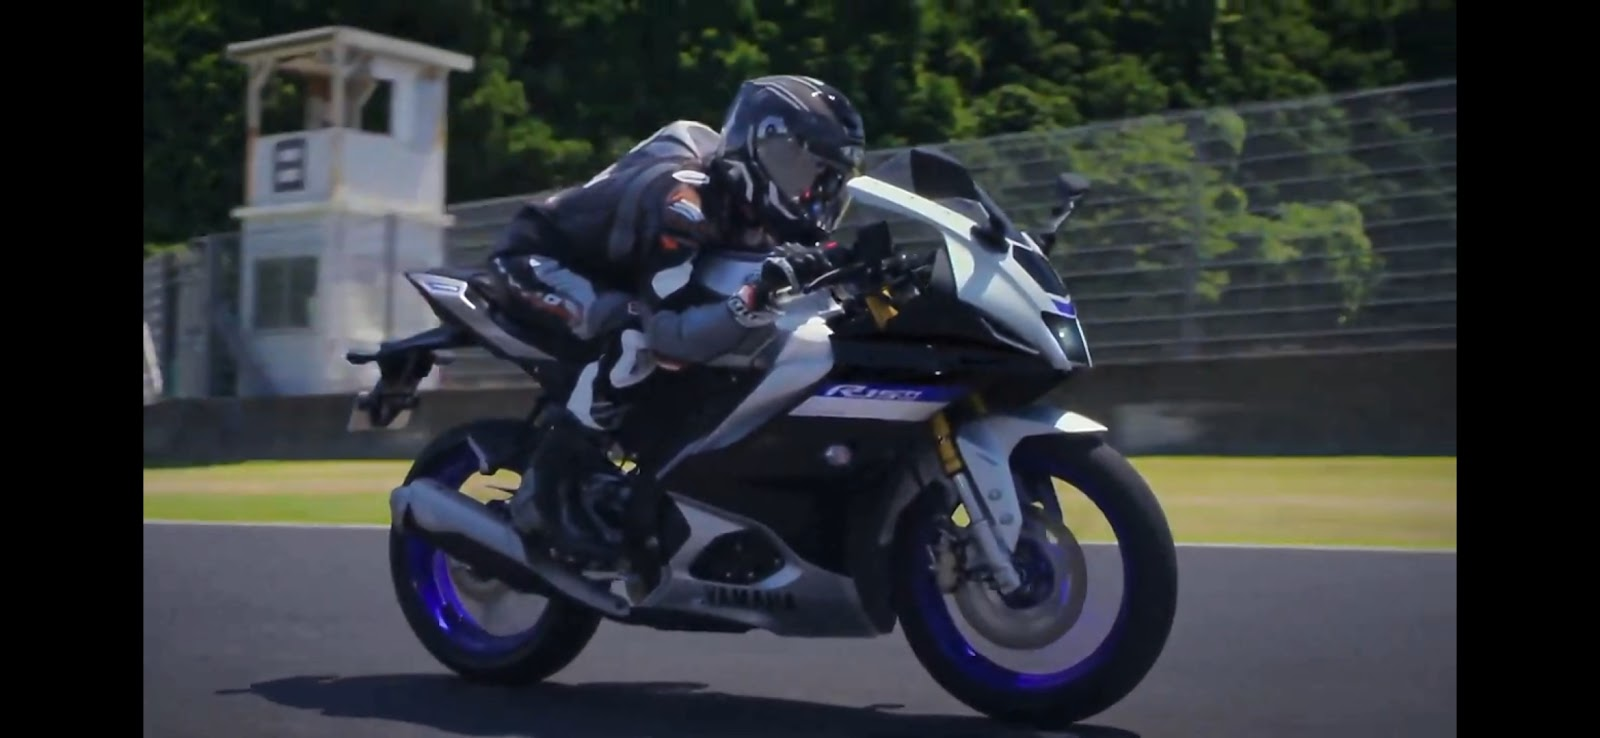 Yamaha YZF-R15,Yamaha YZF-R15 V4,2022 Yamaha YZF-R15 V4,YZF-R15M,2022 YZF-R15M,Yamaha R15M, yamaha R15V4, 2022 Yamaha R15V4, 2022 Yamaha R15M,